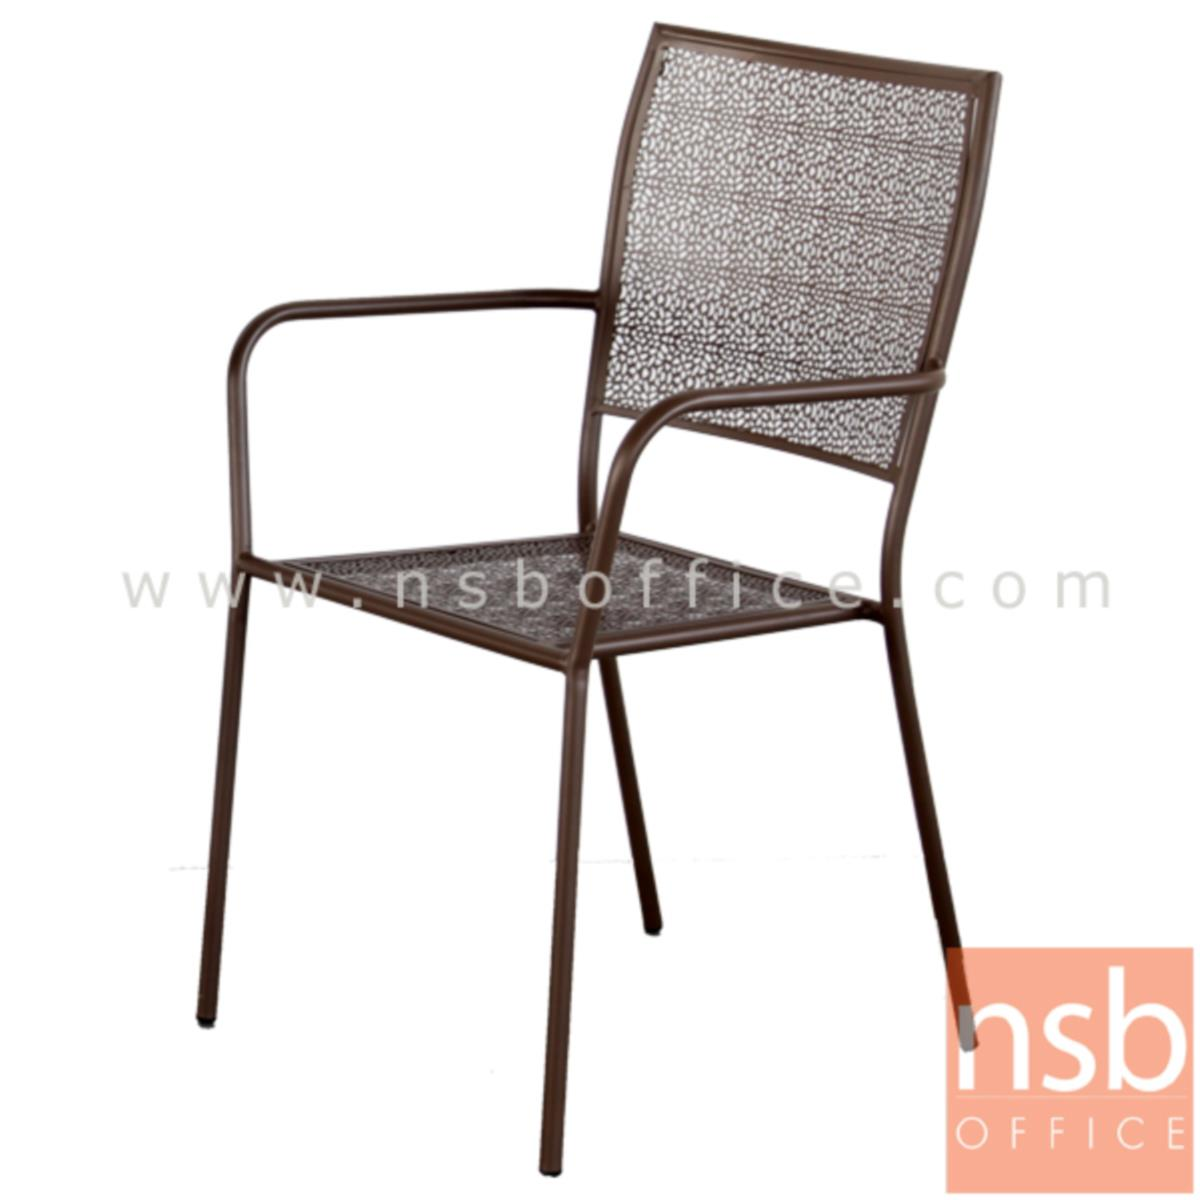 G08A245:เก้าอี้อเนกประสงค์เหล็ก รุ่น REVIVE-01  ขาเหล็ก